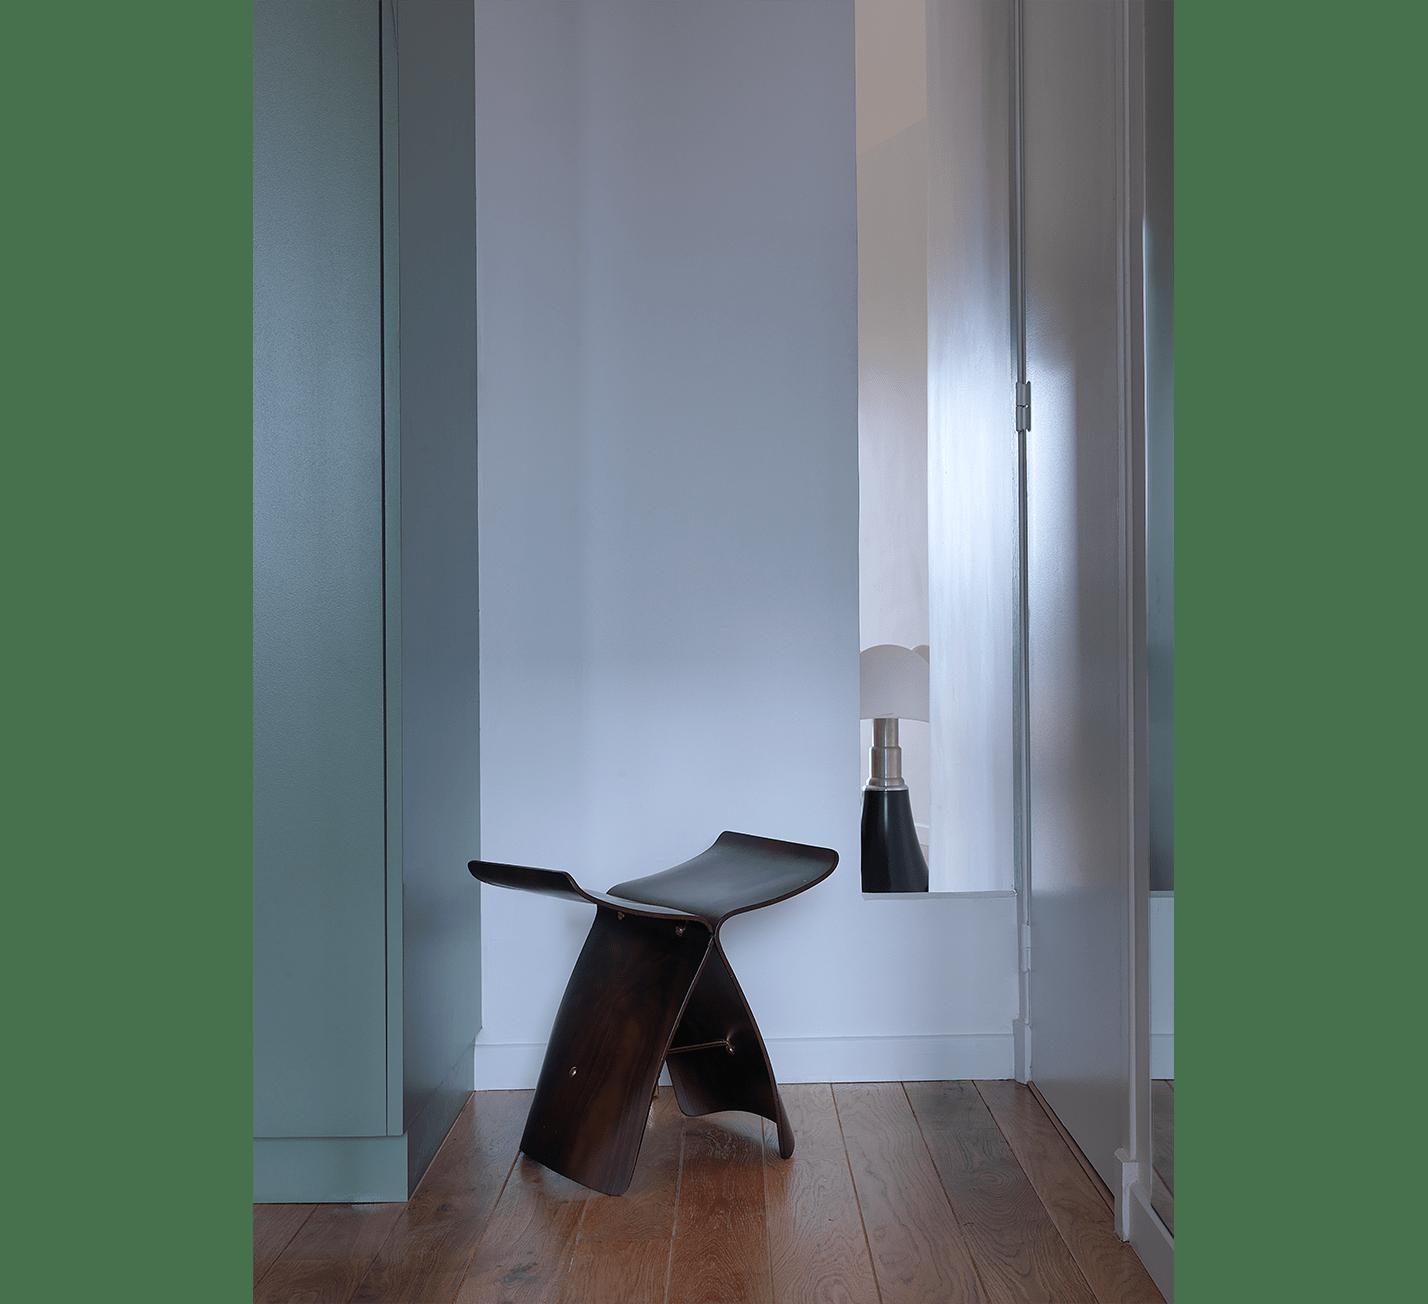 Projet-Est-Atelier-Steve-Pauline-Borgia-Architecture-interieur-07-min